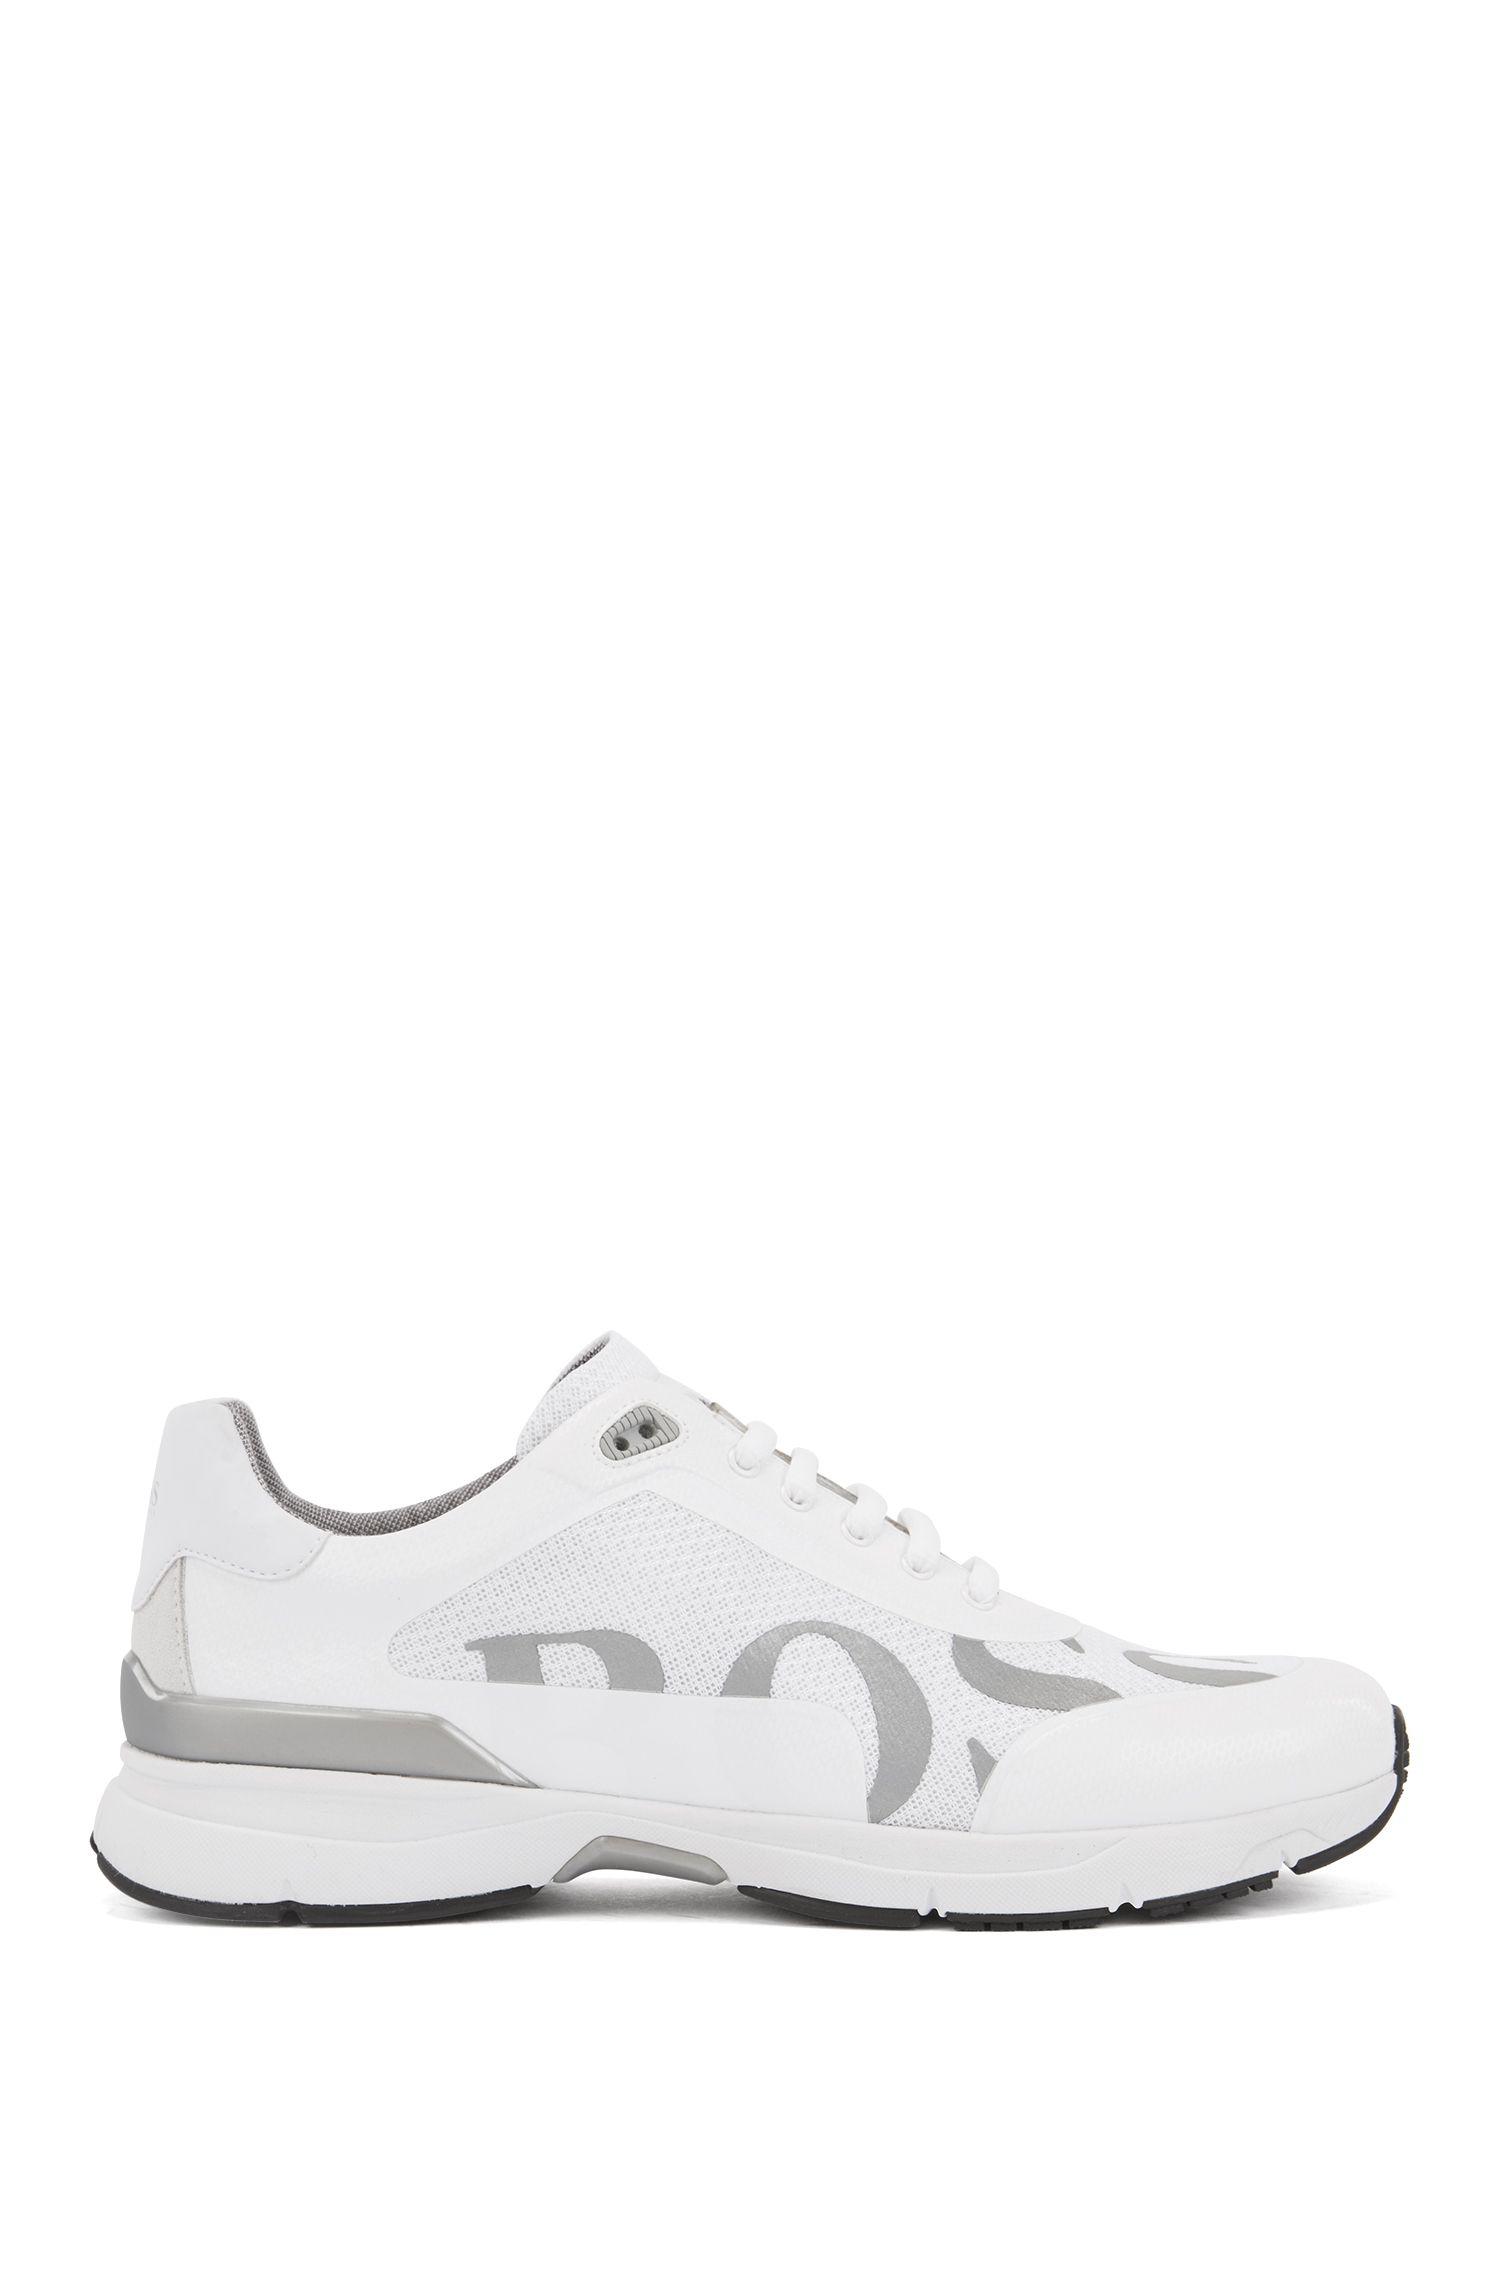 Baskets style chaussures de course avec doublure en charbon de bambou, Blanc